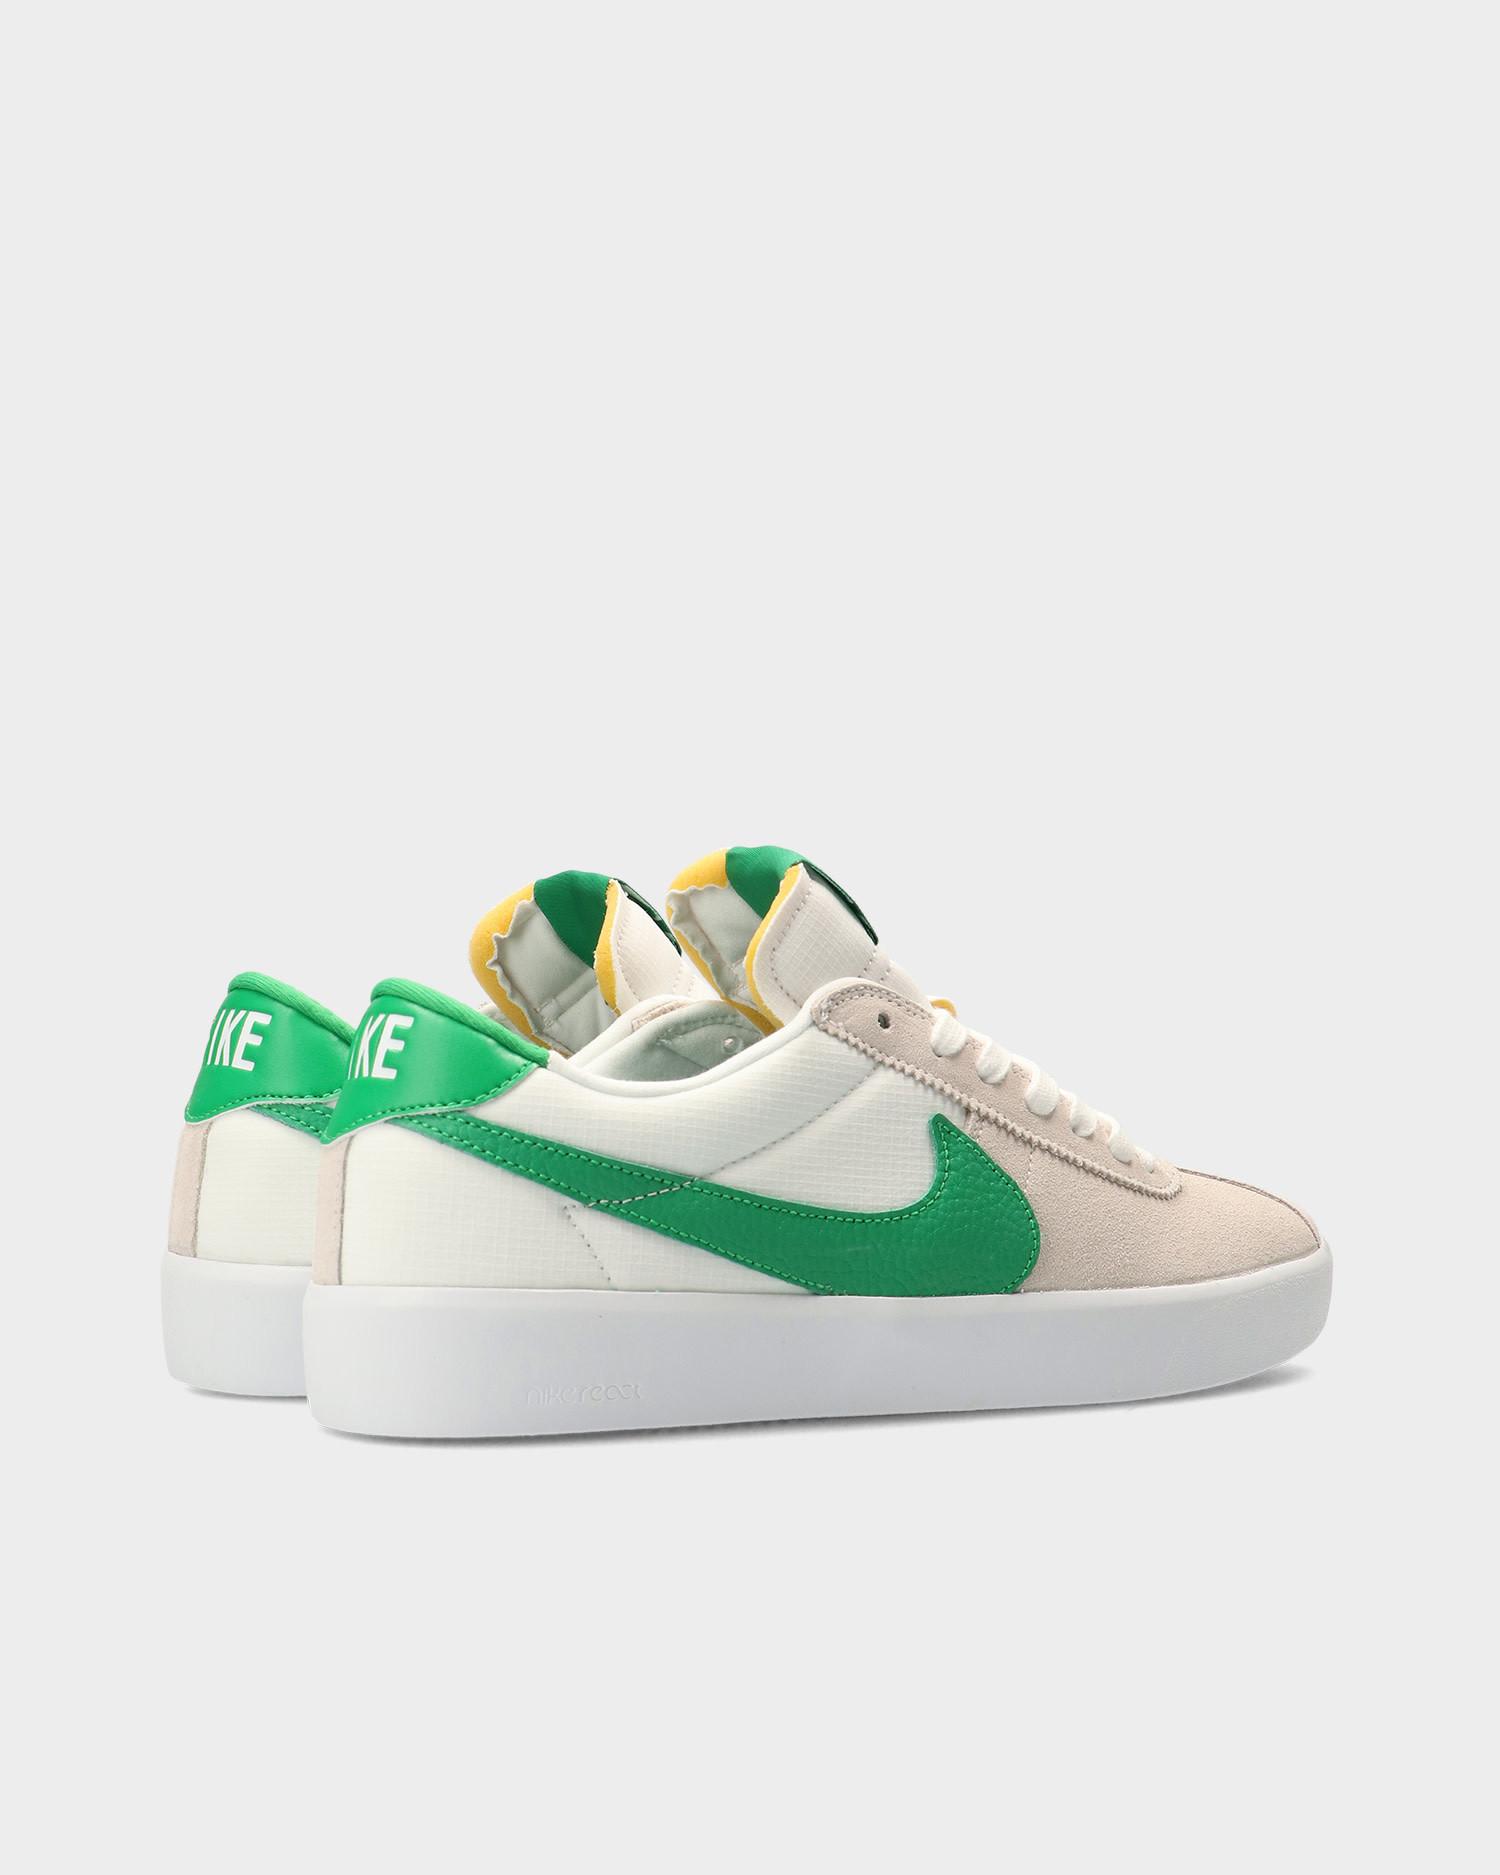 Nike Sb Bruin React White/Lucky Green